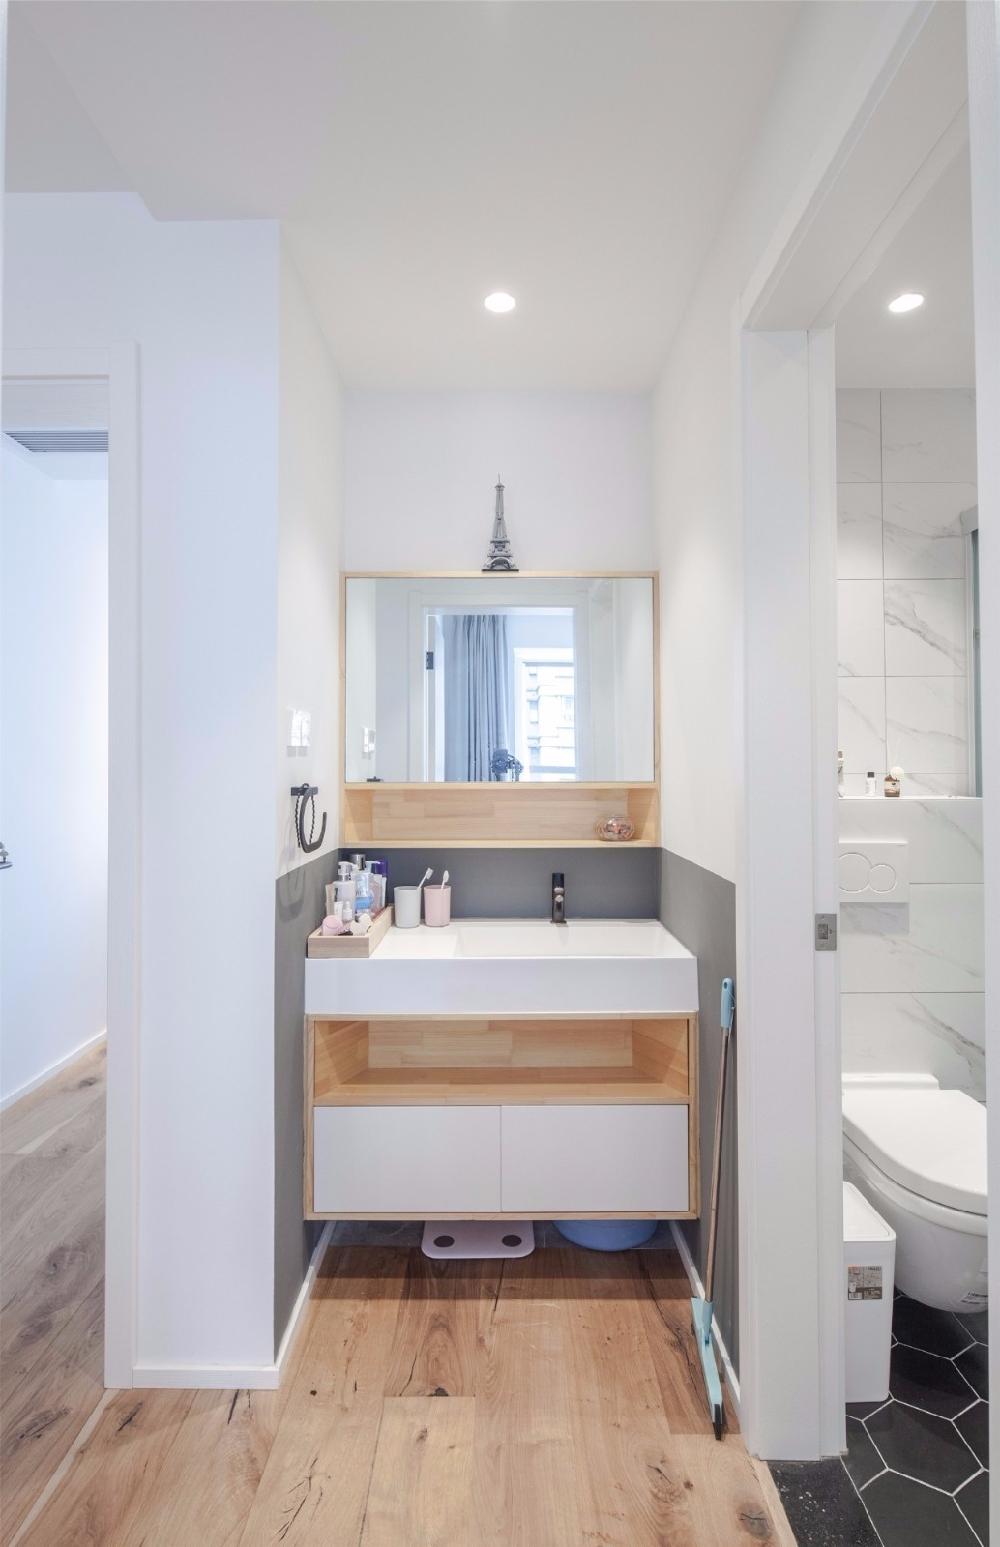 现代舒适,鞋柜+电视墙组合一起实用大气12122633